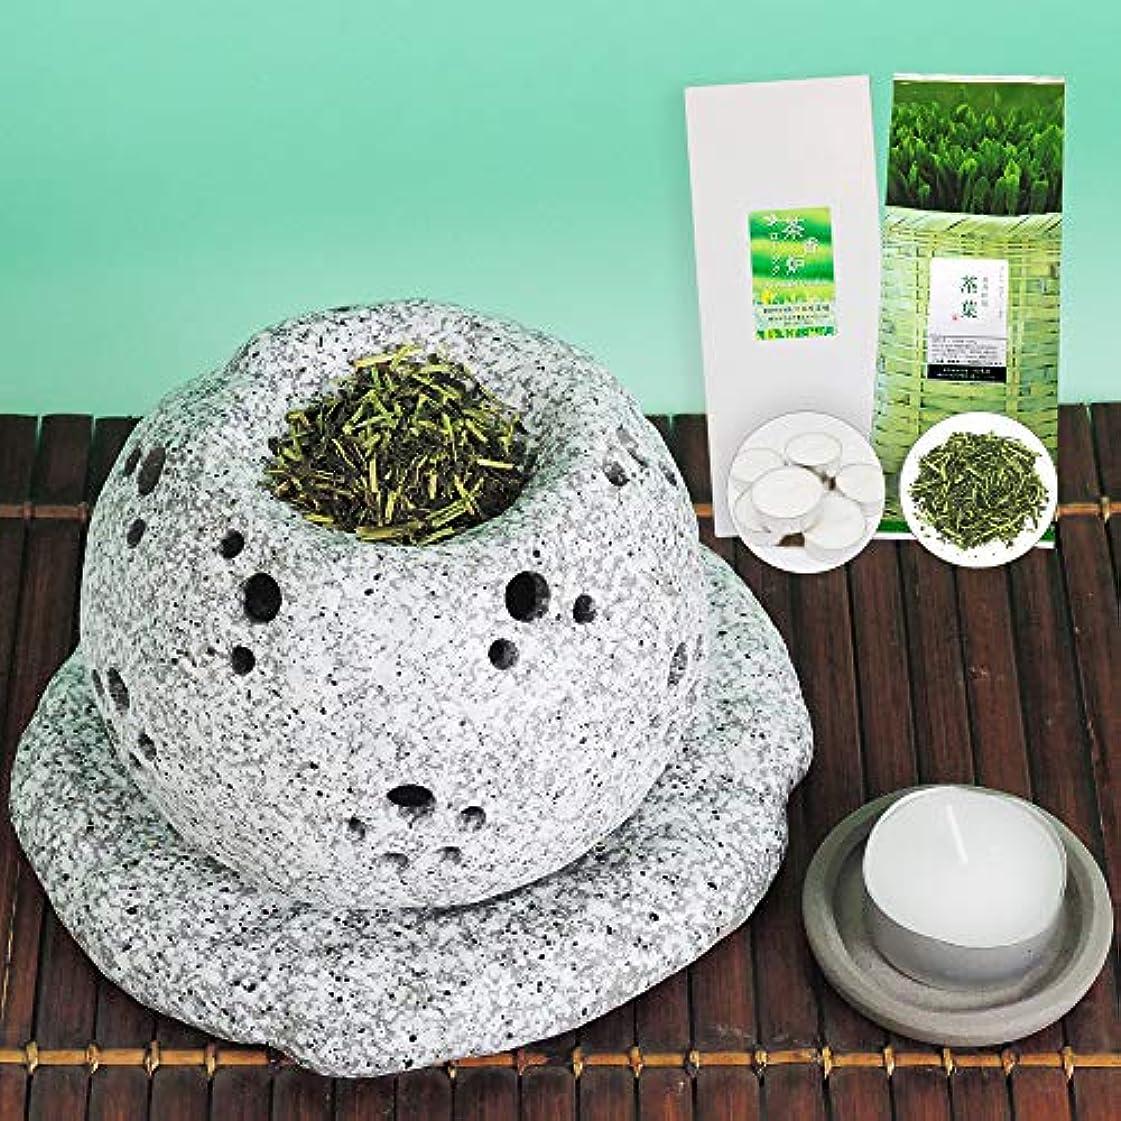 以前はパシフィック依存元祖 茶香炉セット 茶香炉専用茶葉&ローソク付 川本屋茶舗